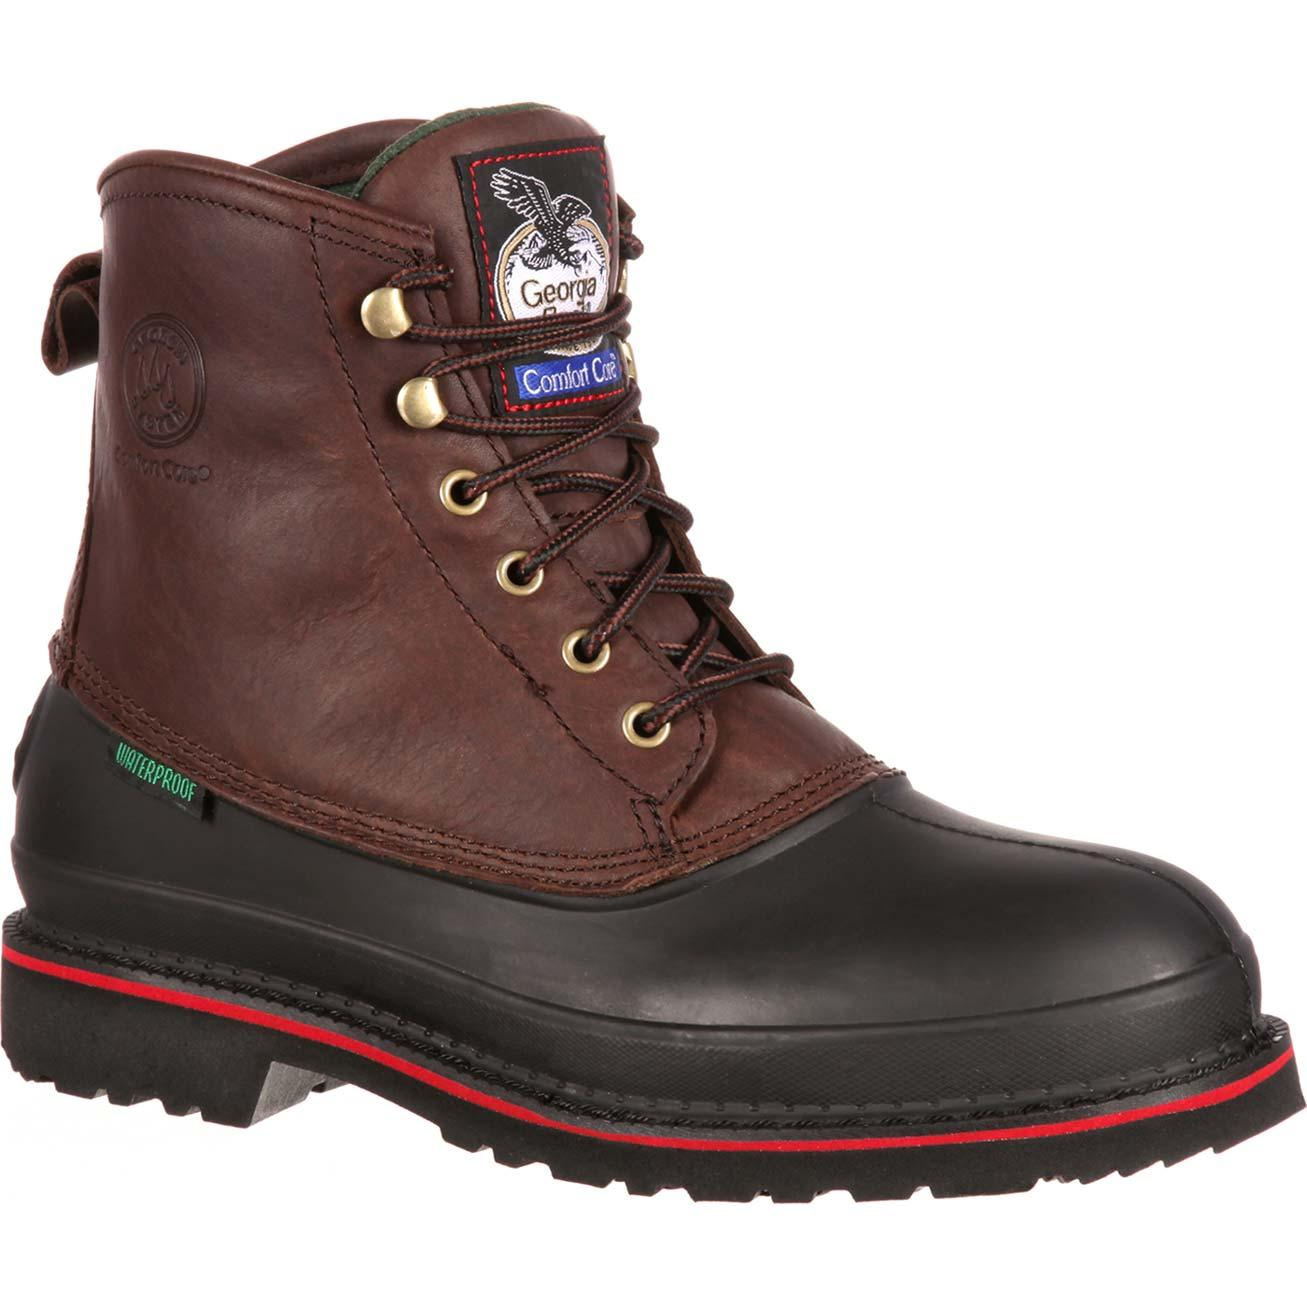 a79a8bb8e Georgia Boot Muddog Waterproof Steel Toe Work Boot. »